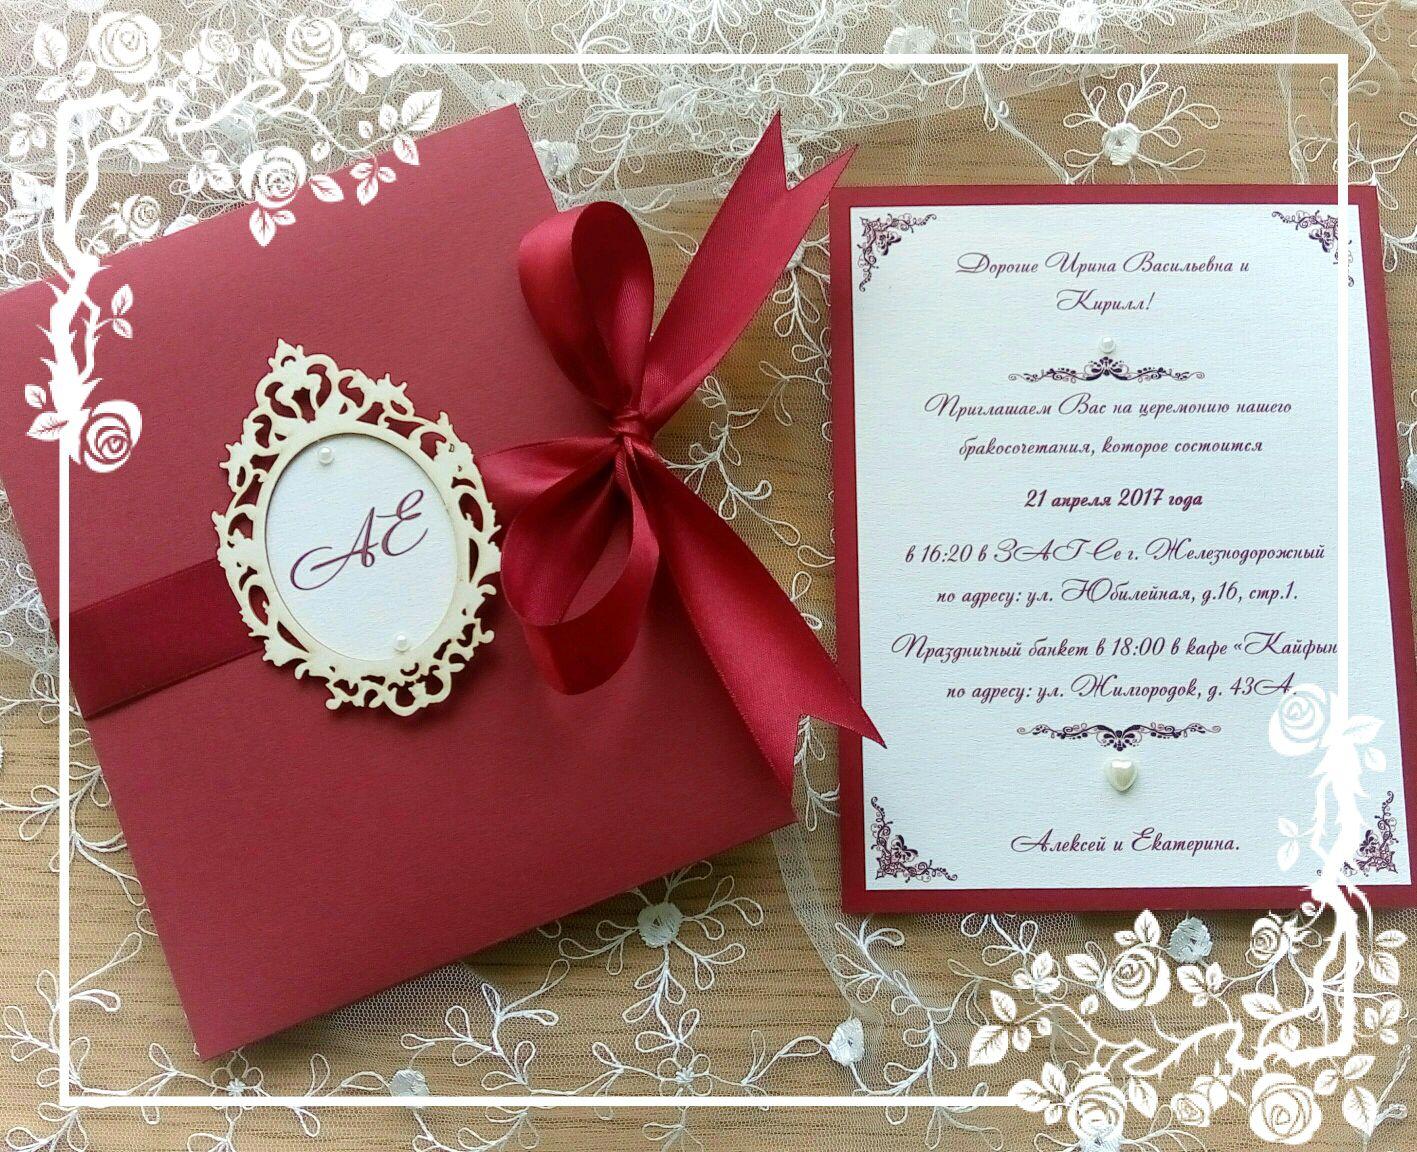 Вариант приглашения на свадьбу